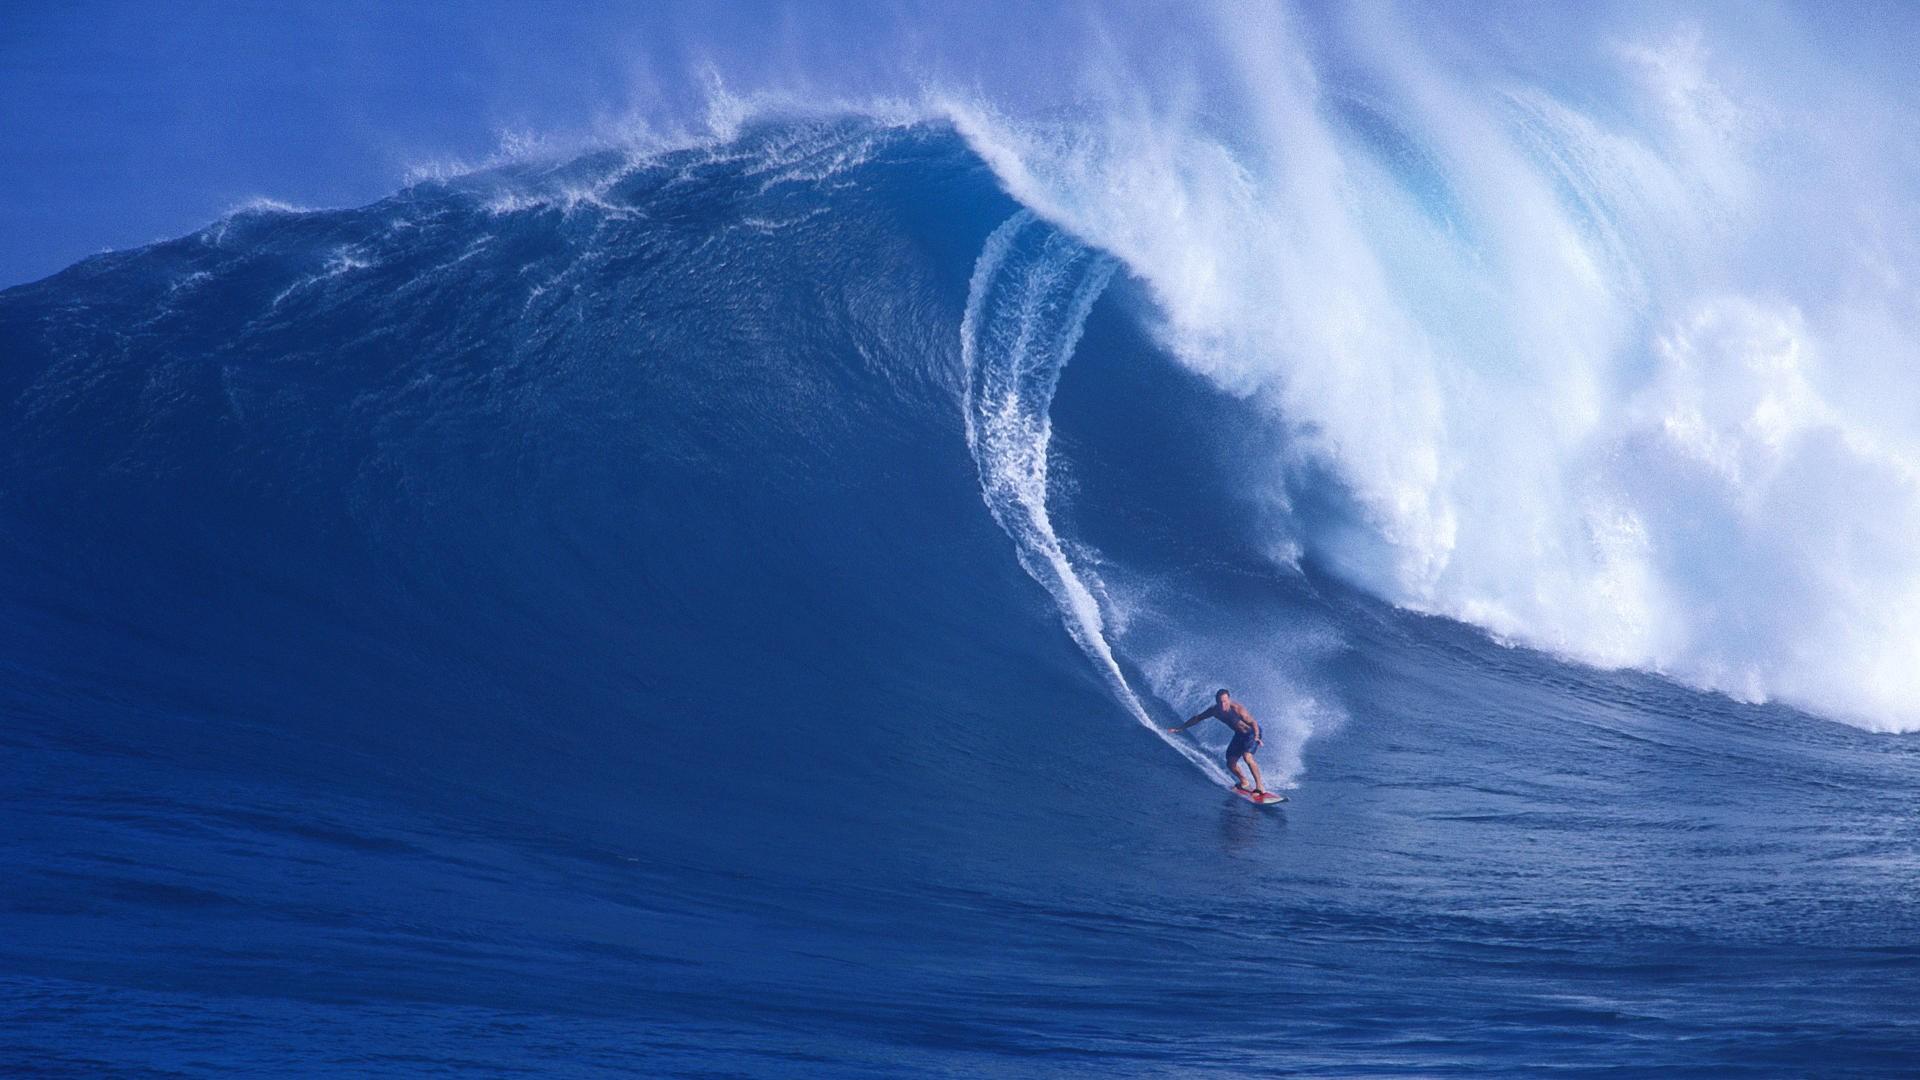 Hawaii surfing wallpaper 1920x1080 206178 WallpaperUP 1920x1080